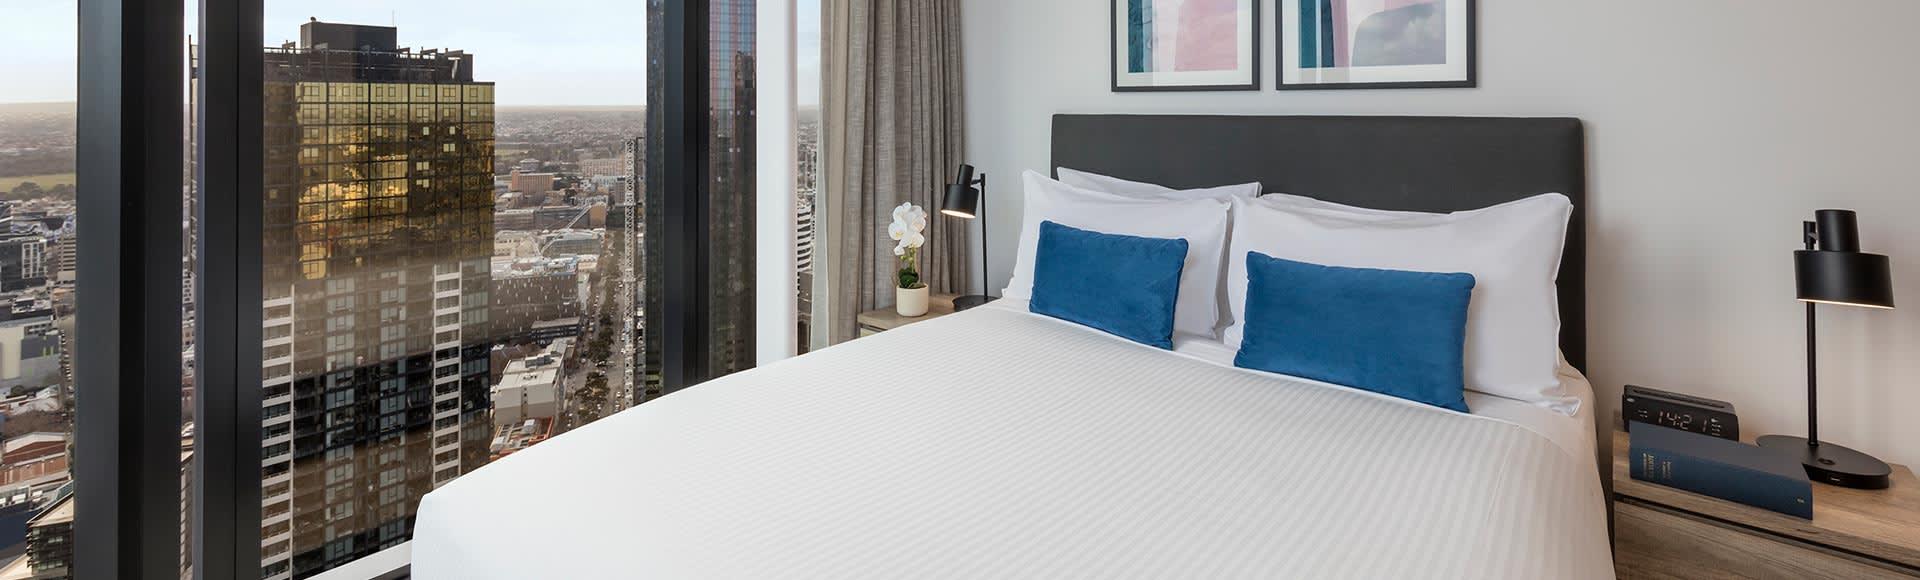 Avani Melbourne Central Residences 2 Bedroom Superior Suite Bedroom